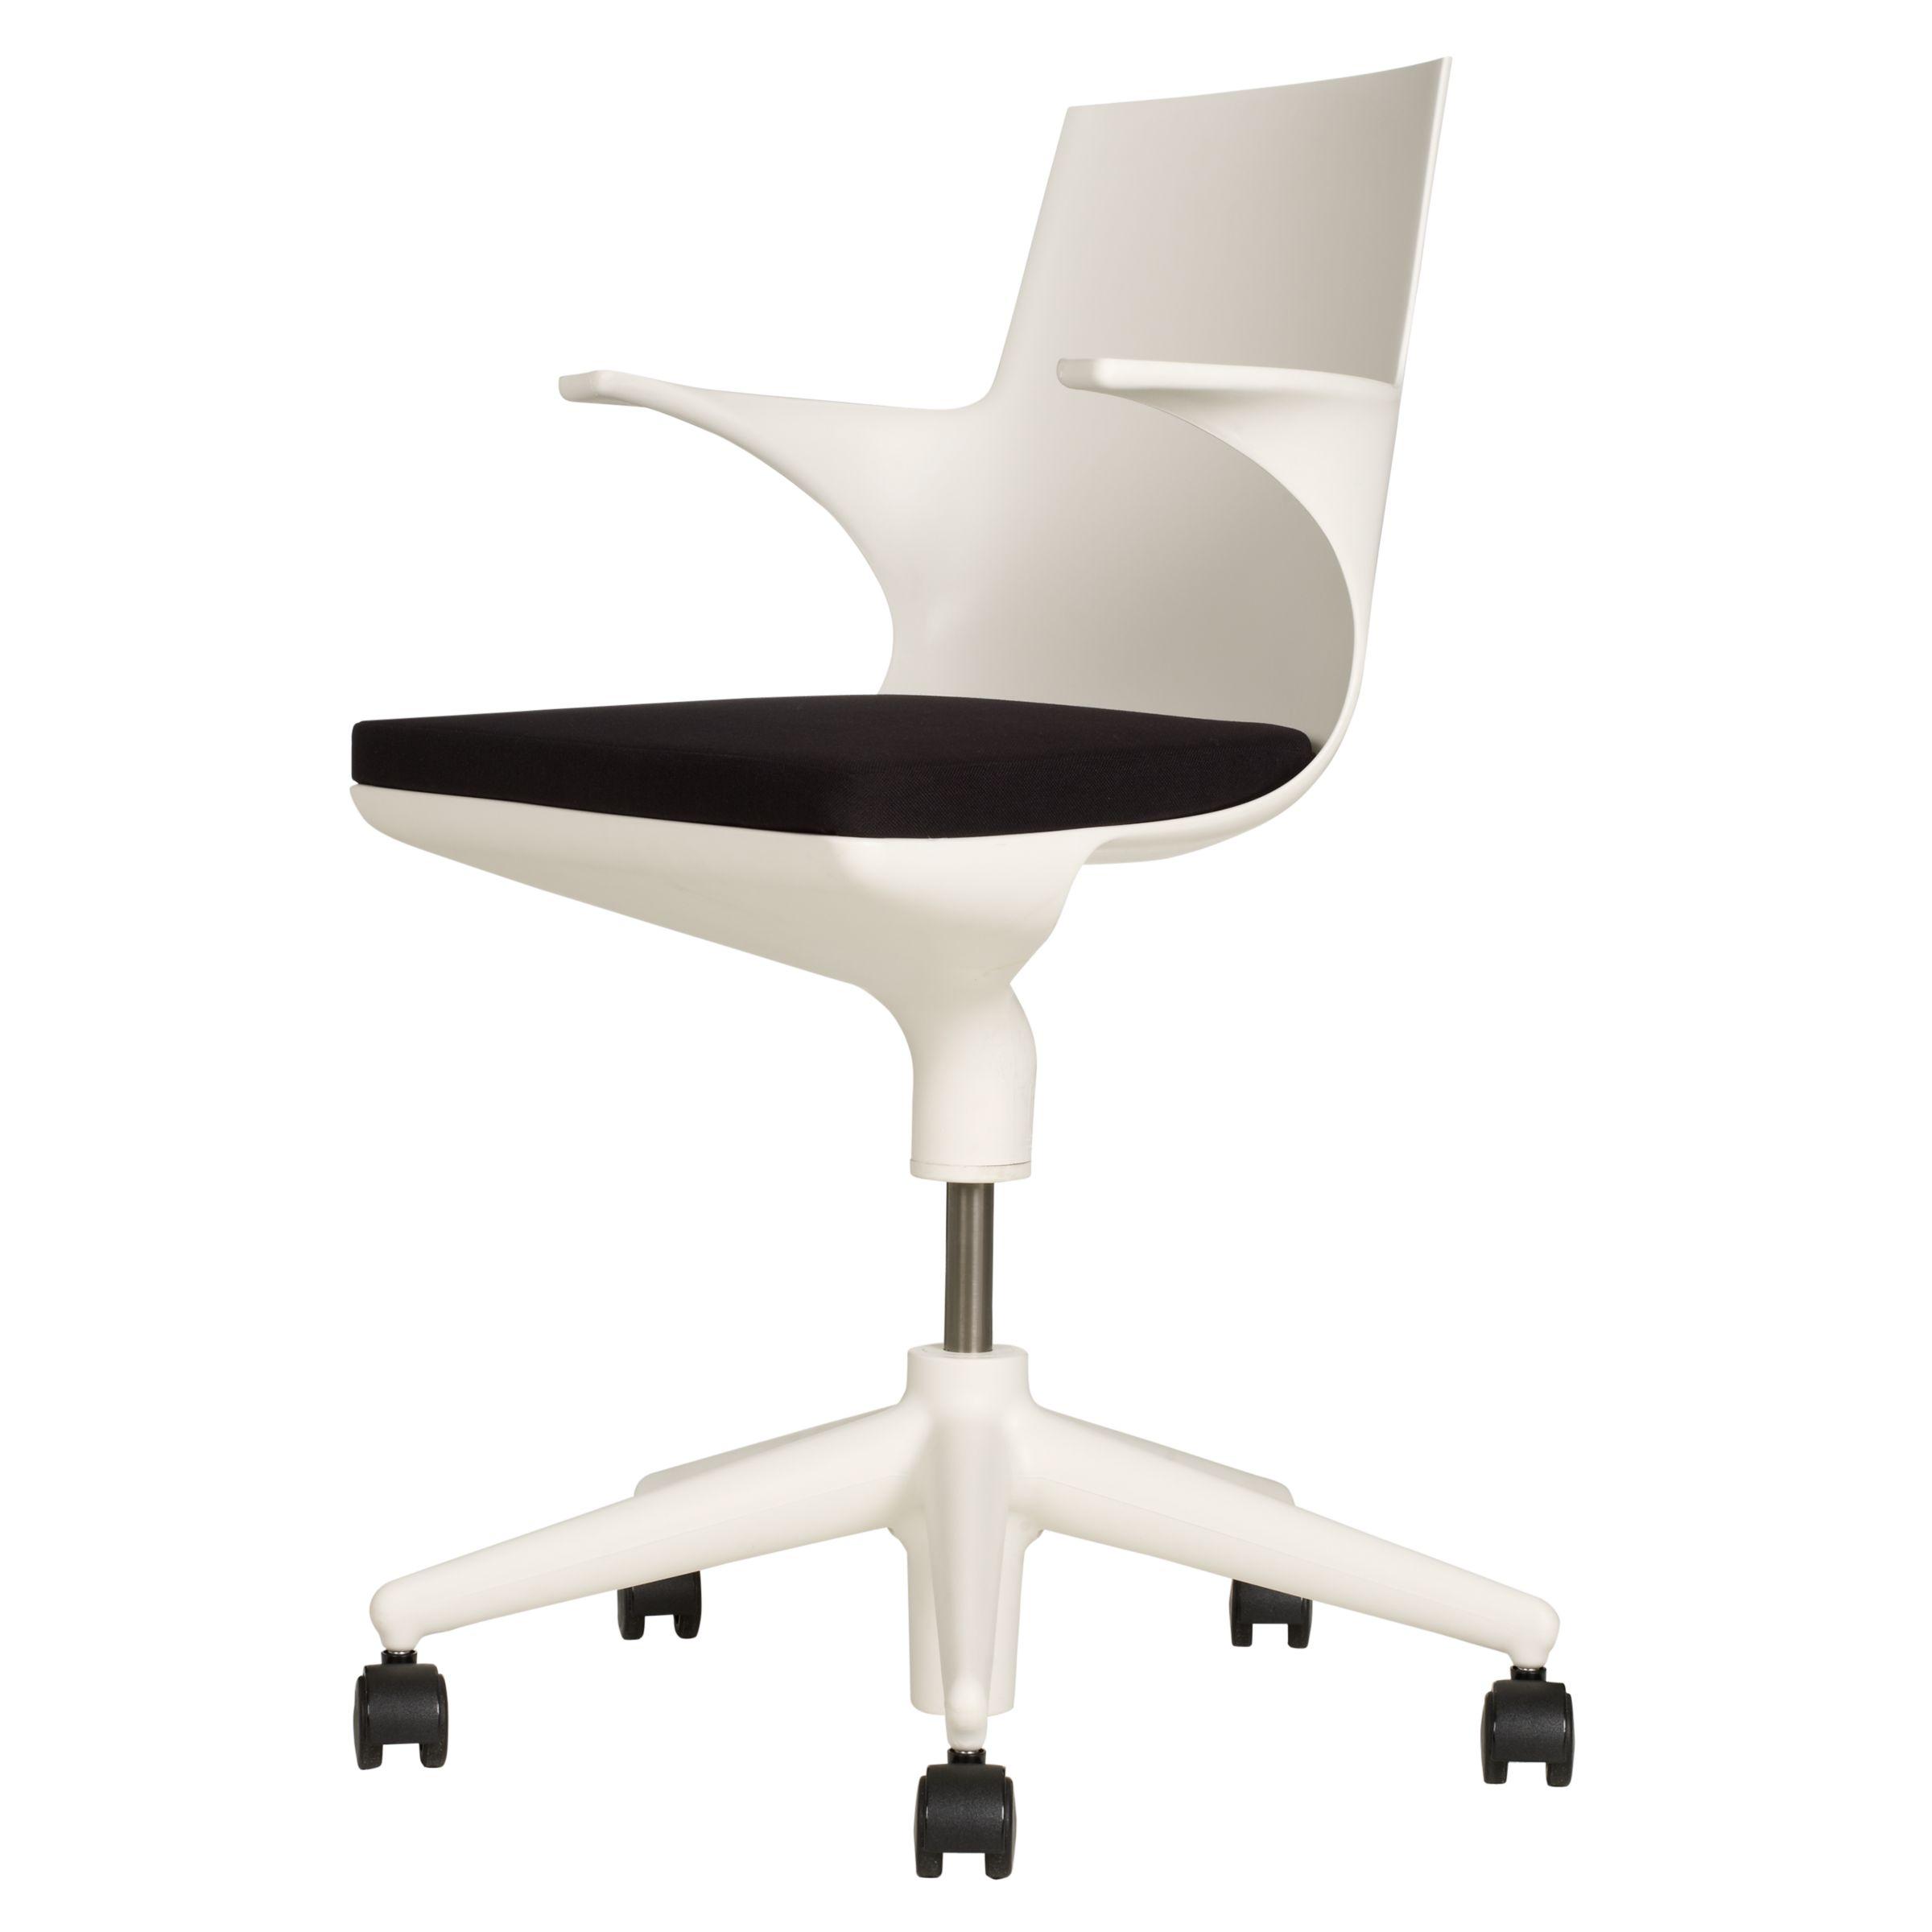 Kartell Spoon Office Chair, White / Black